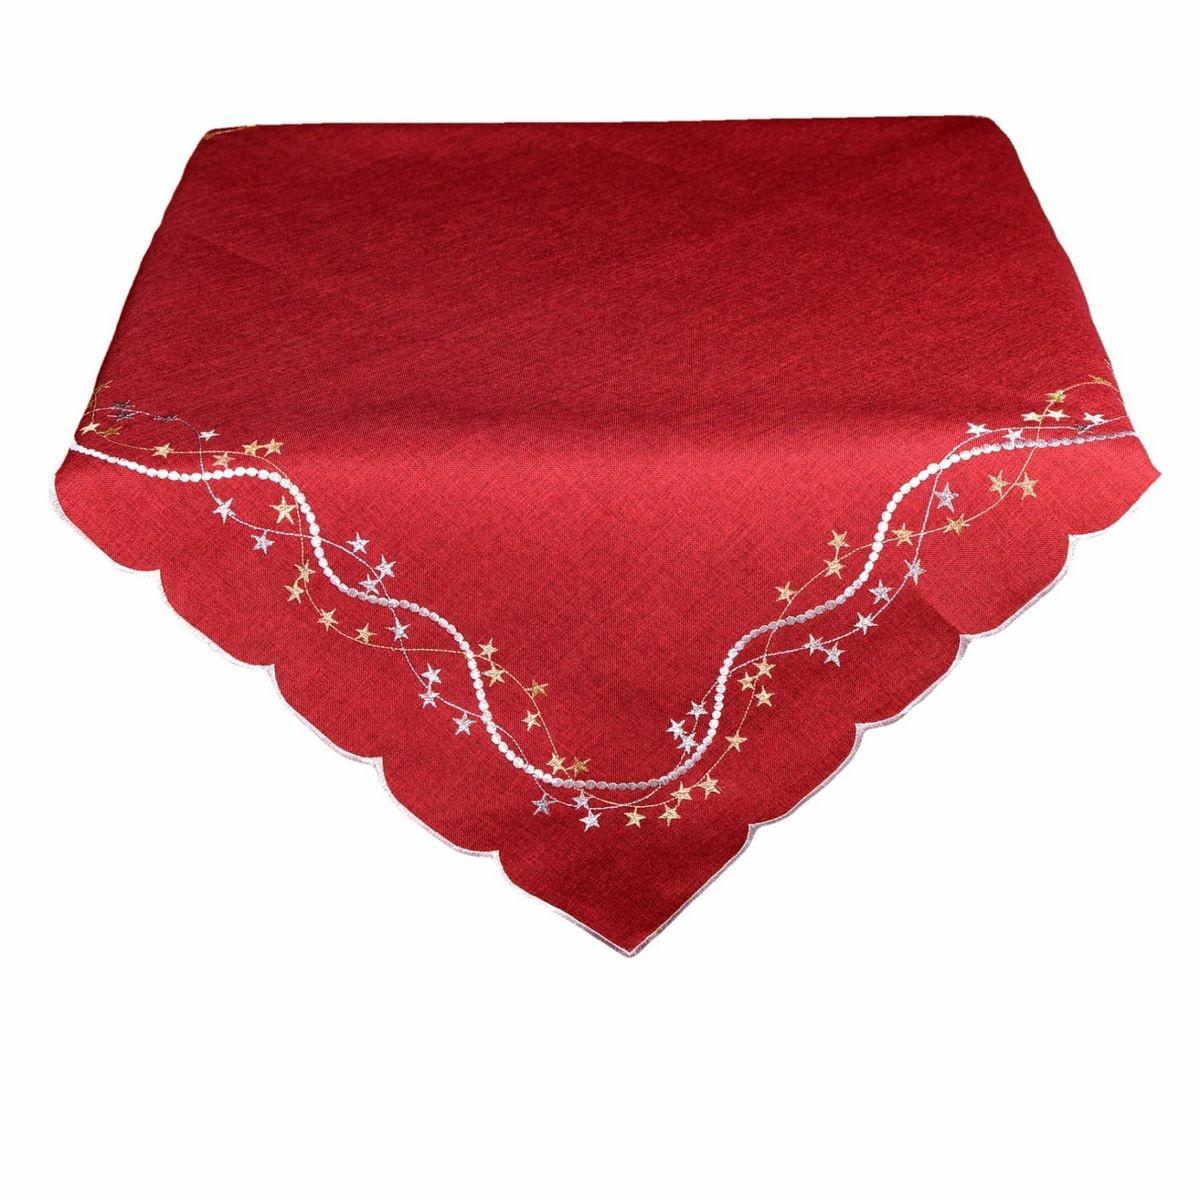 BO-MA Trading Vánoční ubrus Hvězdičky červená, 40 x 90 cm